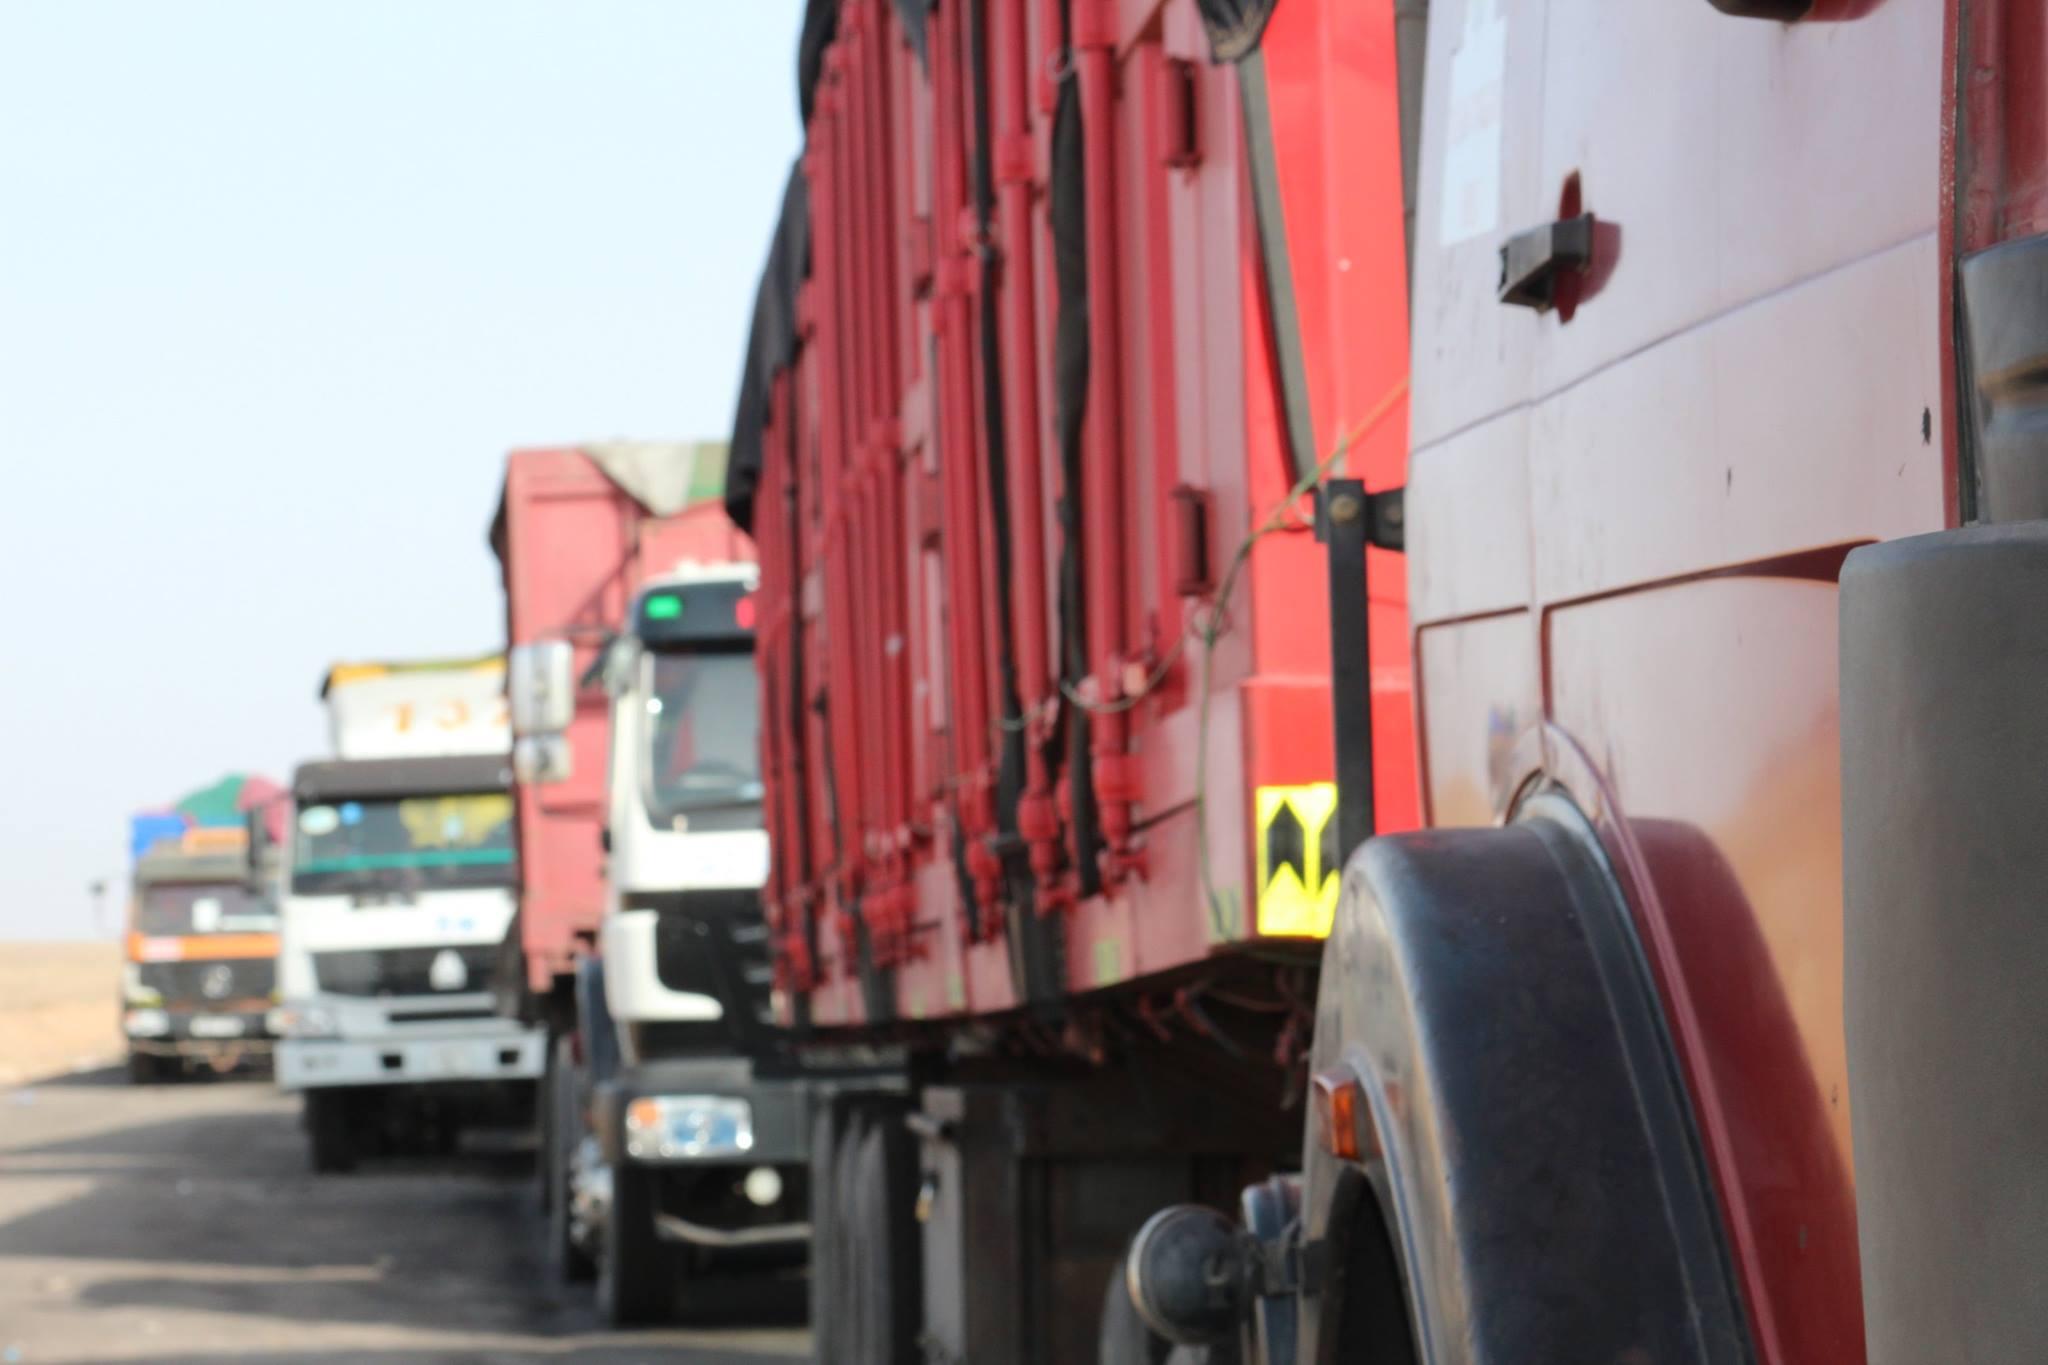 Улсын хилээр нэвтрэх зорчигч тээврийн хөдөлгөөнийг зогсоосон хугацааг сунгалаа